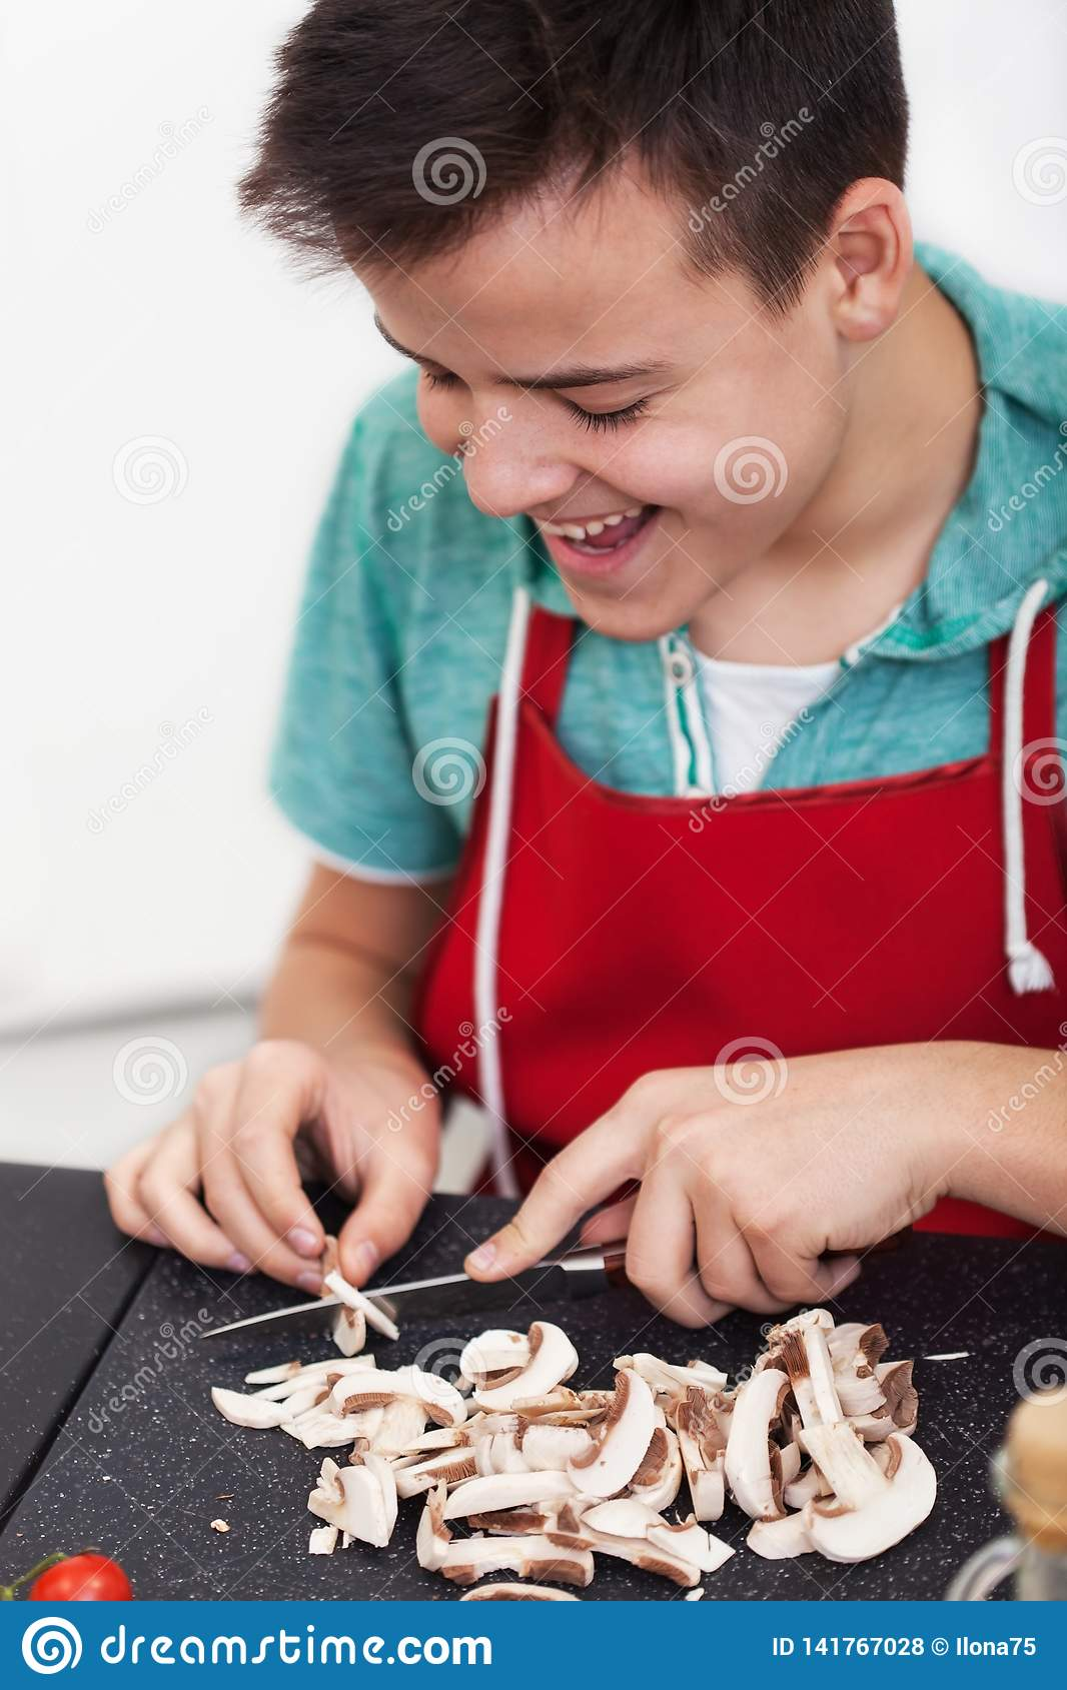 Młoda szczęśliwa chłopiec przygotowywa naczynie w kuchni - plasterek ono rozrasta się na tnącej desce